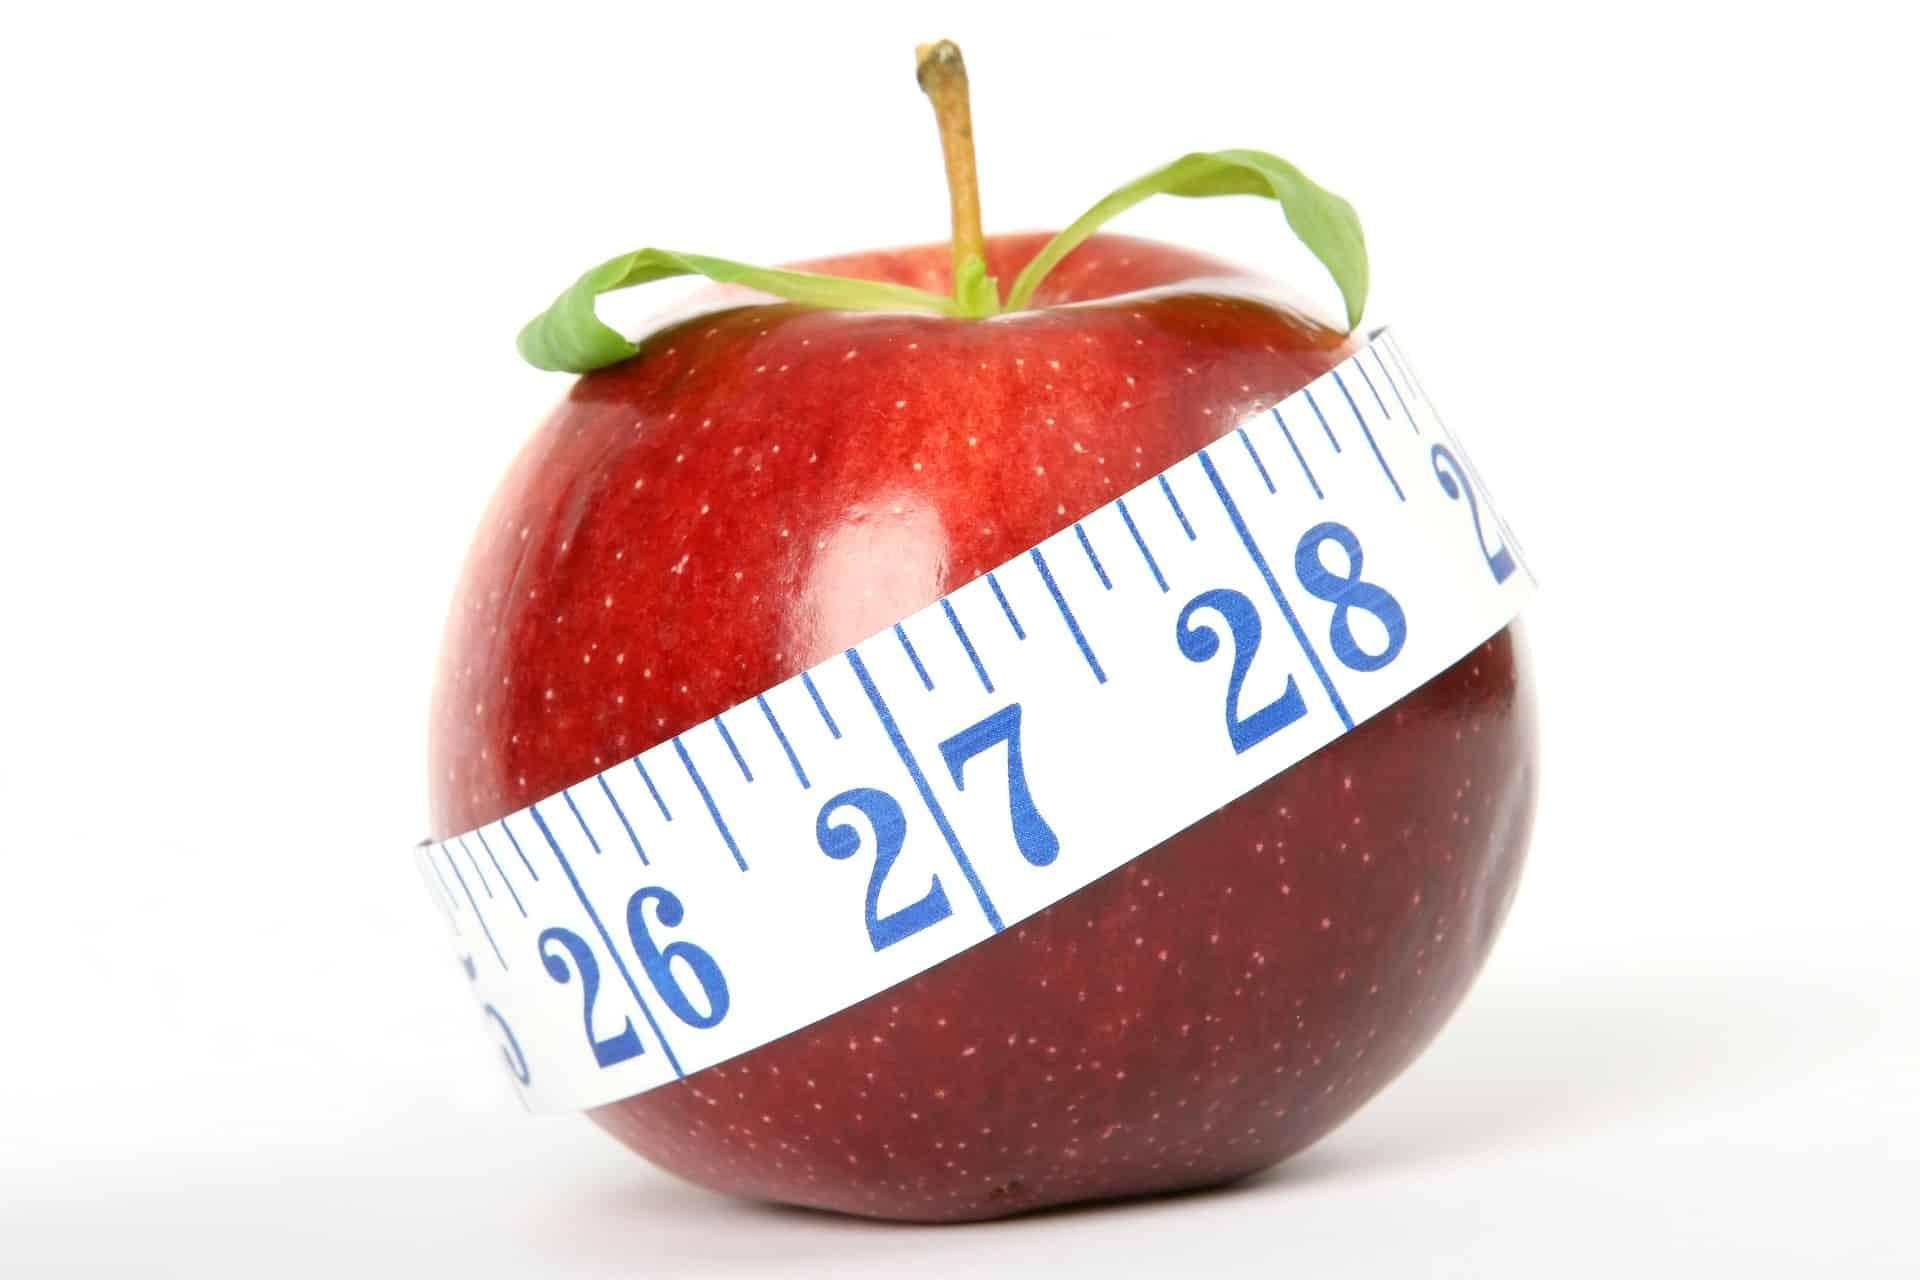 Gesund Abnehmen: dauerhaft und gesund Gewicht verlieren